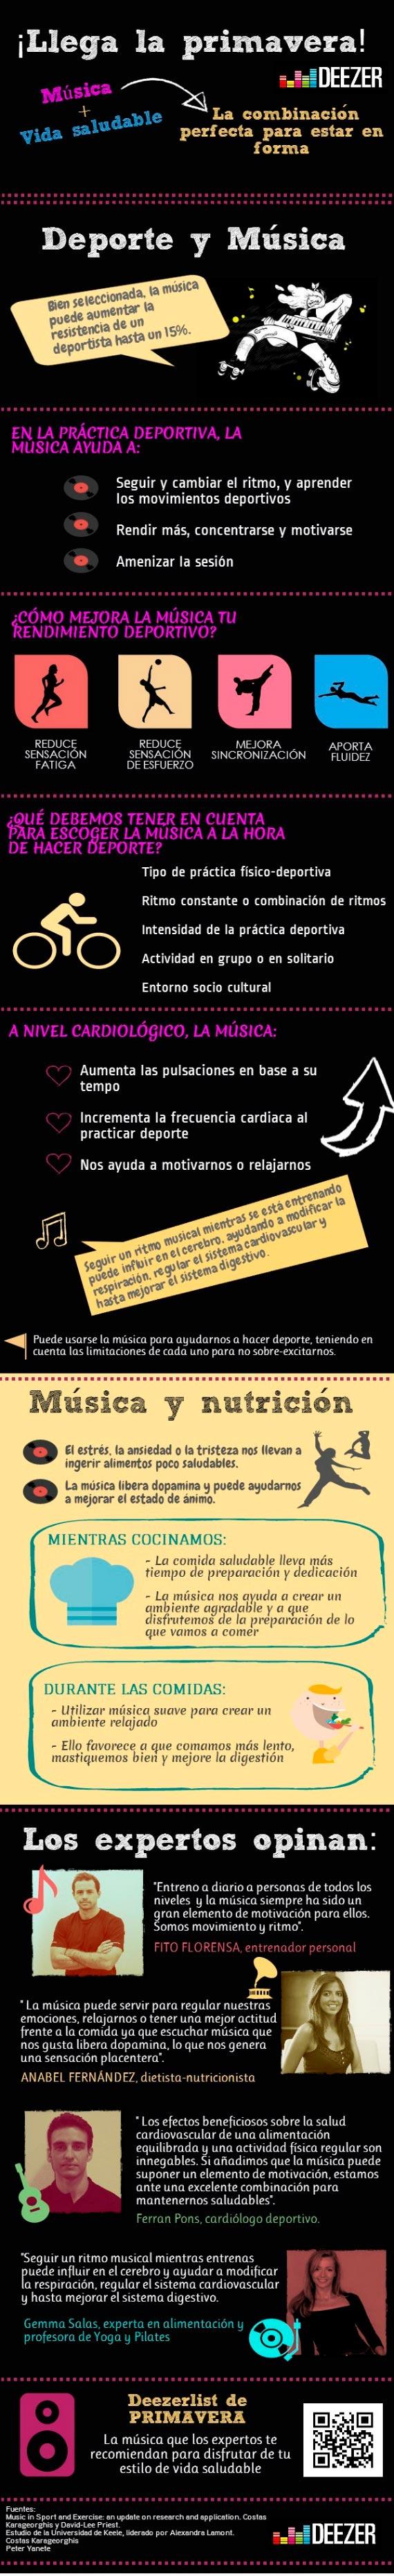 infografia-musica-deporte-y-vida-saludable